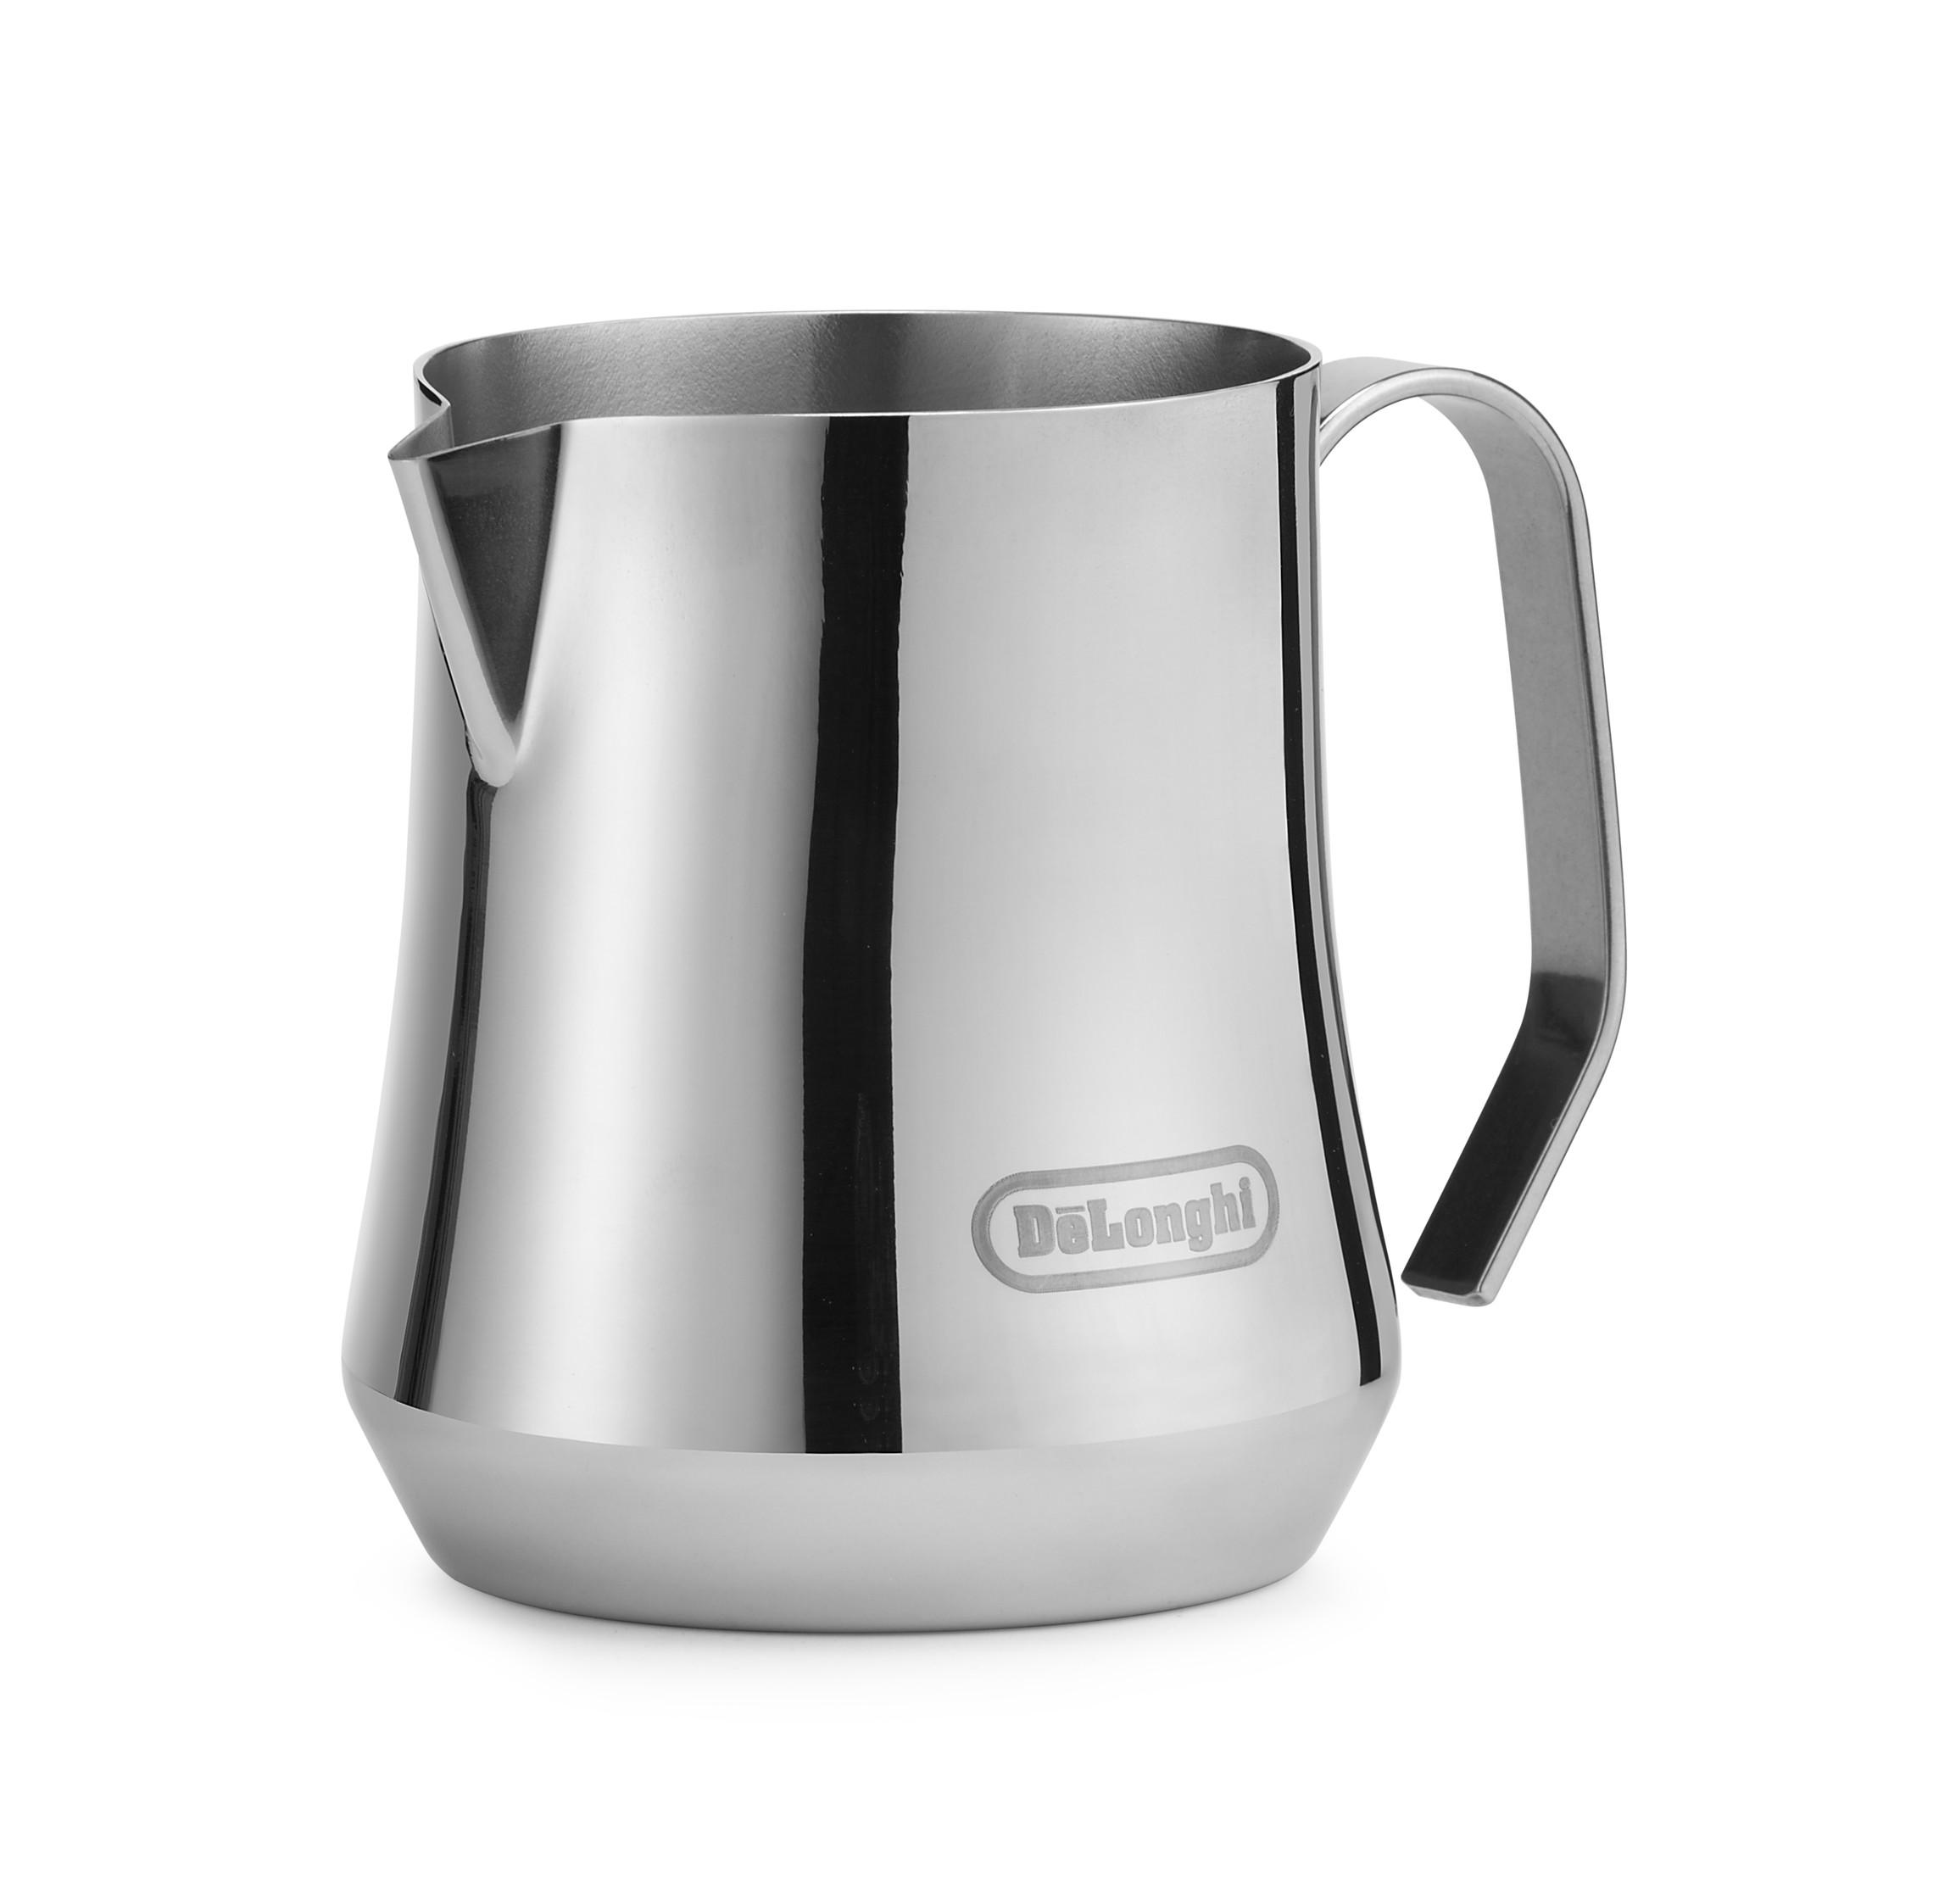 デロンギ ステンレス製 ミルクジャグ 500ml [商品コード:DLSC069]